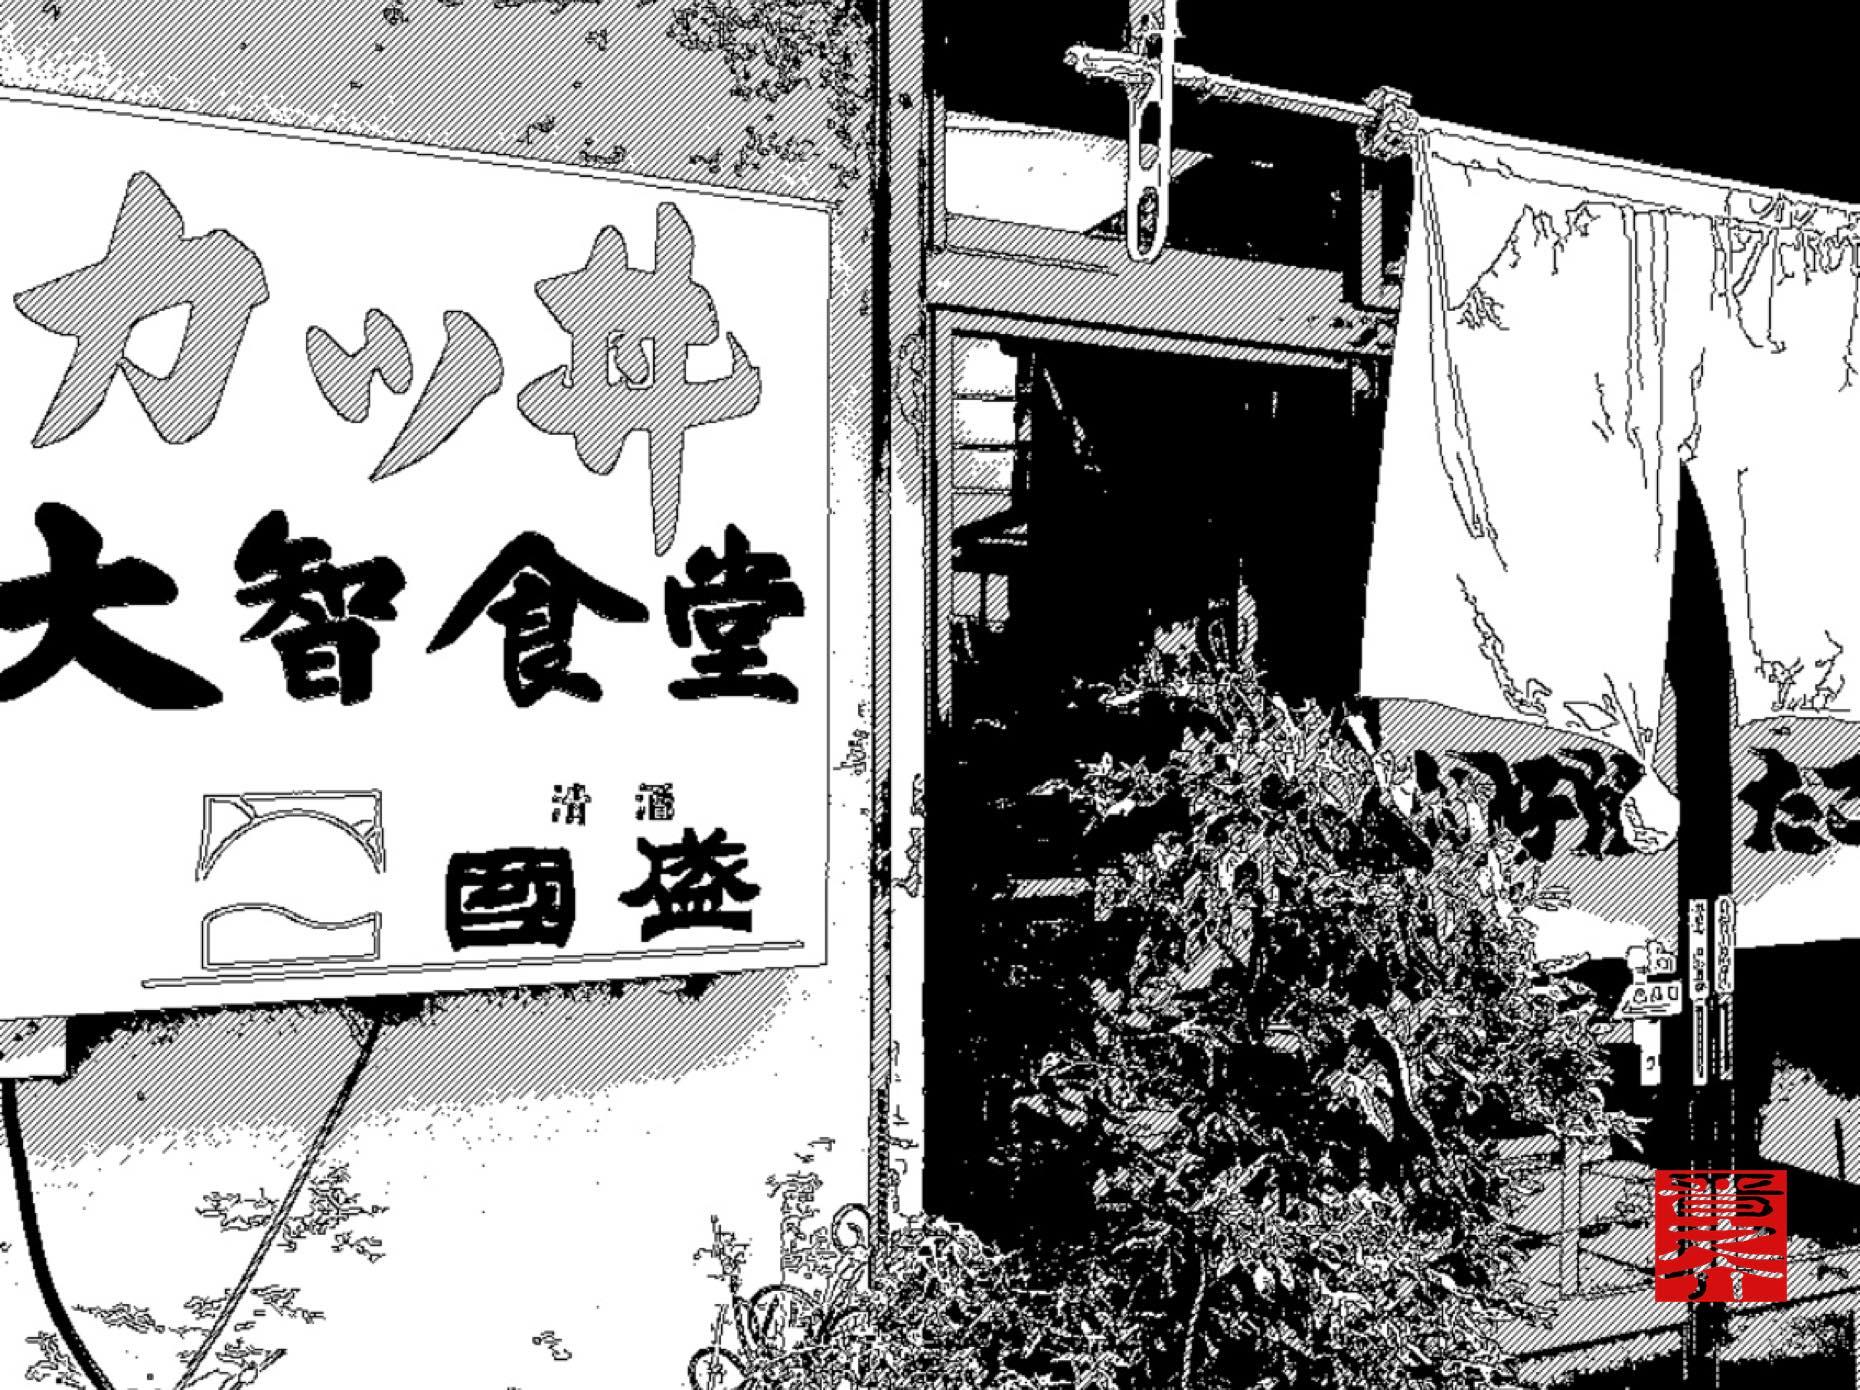 半田で可愛いおばあちゃんがひとりで切り盛りするお店!麺類も丼ものも安くて旨い!大智食堂